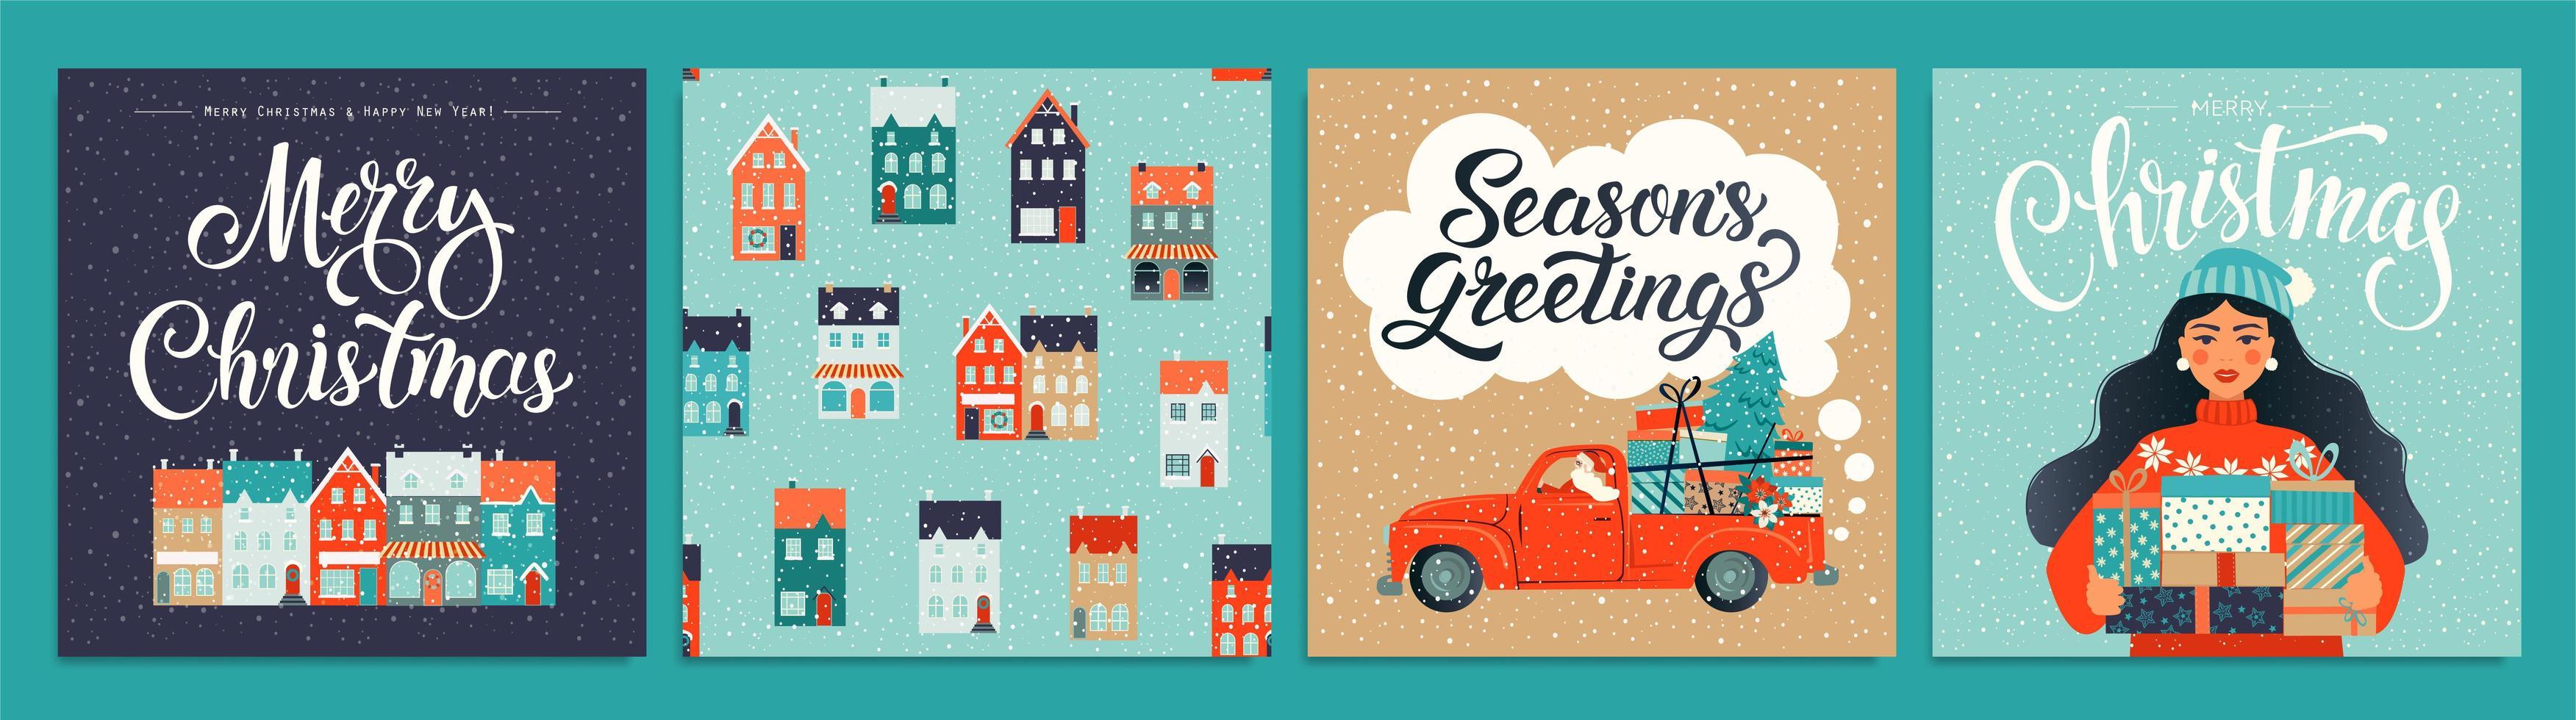 conjunto de plantillas de Navidad y año nuevo para scrapbooking de saludo, felicitaciones, invitaciones, etiquetas, pegatinas, postales. Conjunto de carteles de Navidad. ilustración vectorial. vector